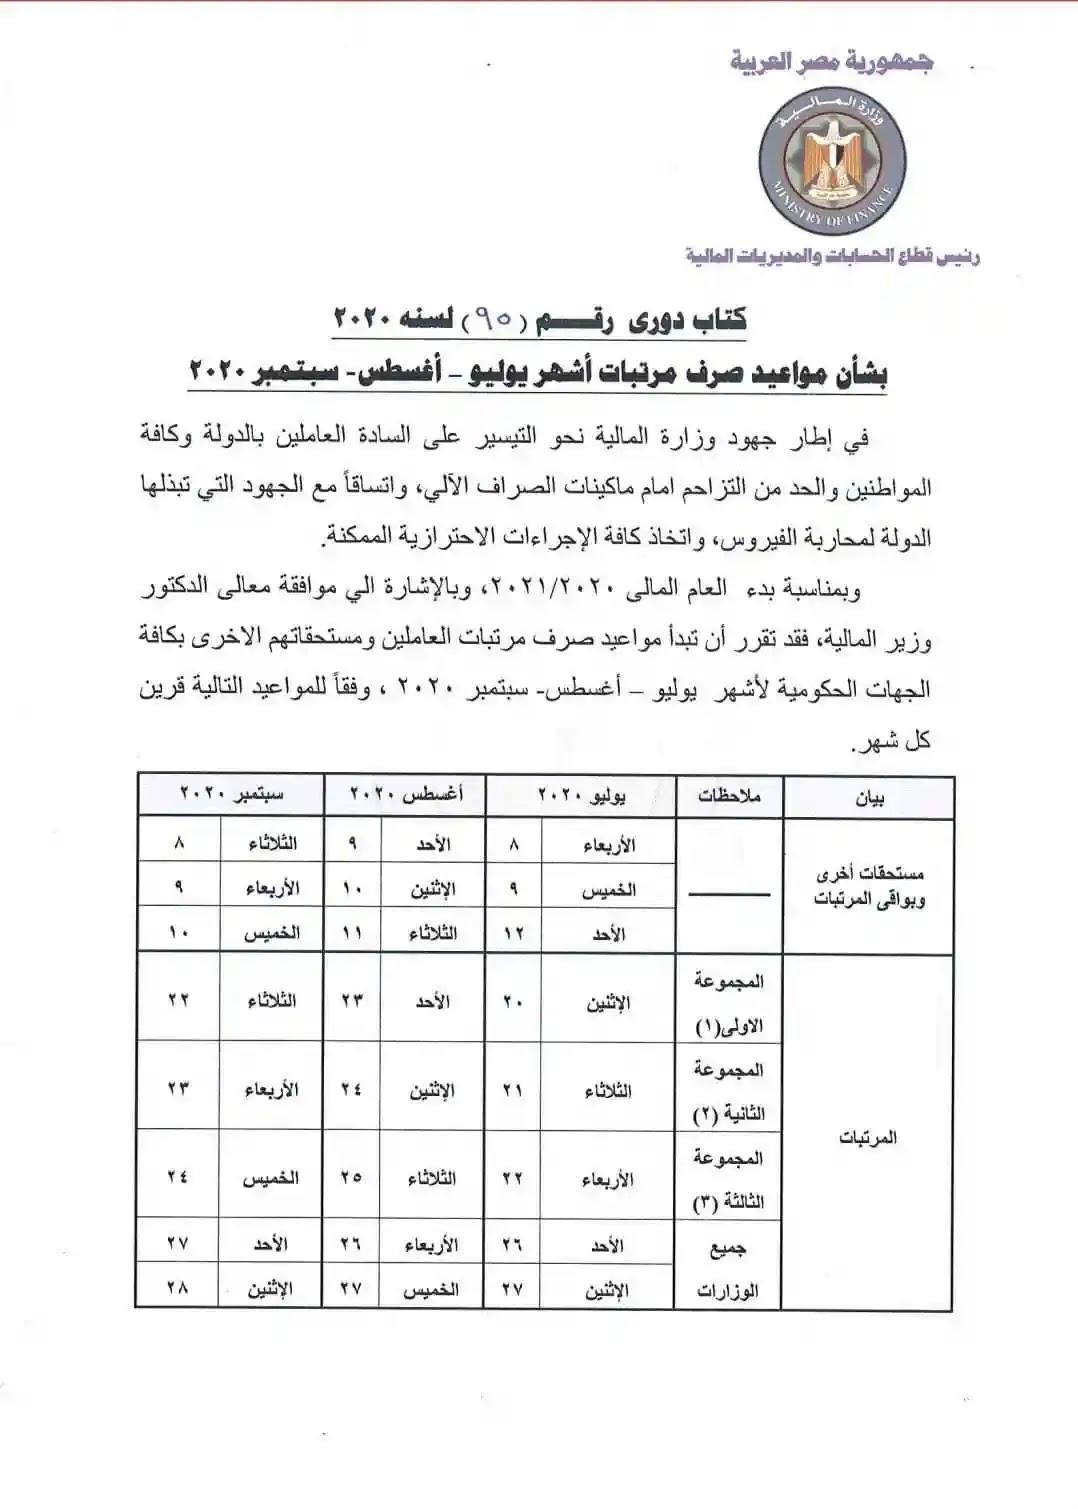 مواعيد صرف مرتبات الموظفين فى شهر يوليو ٢٠٢٠